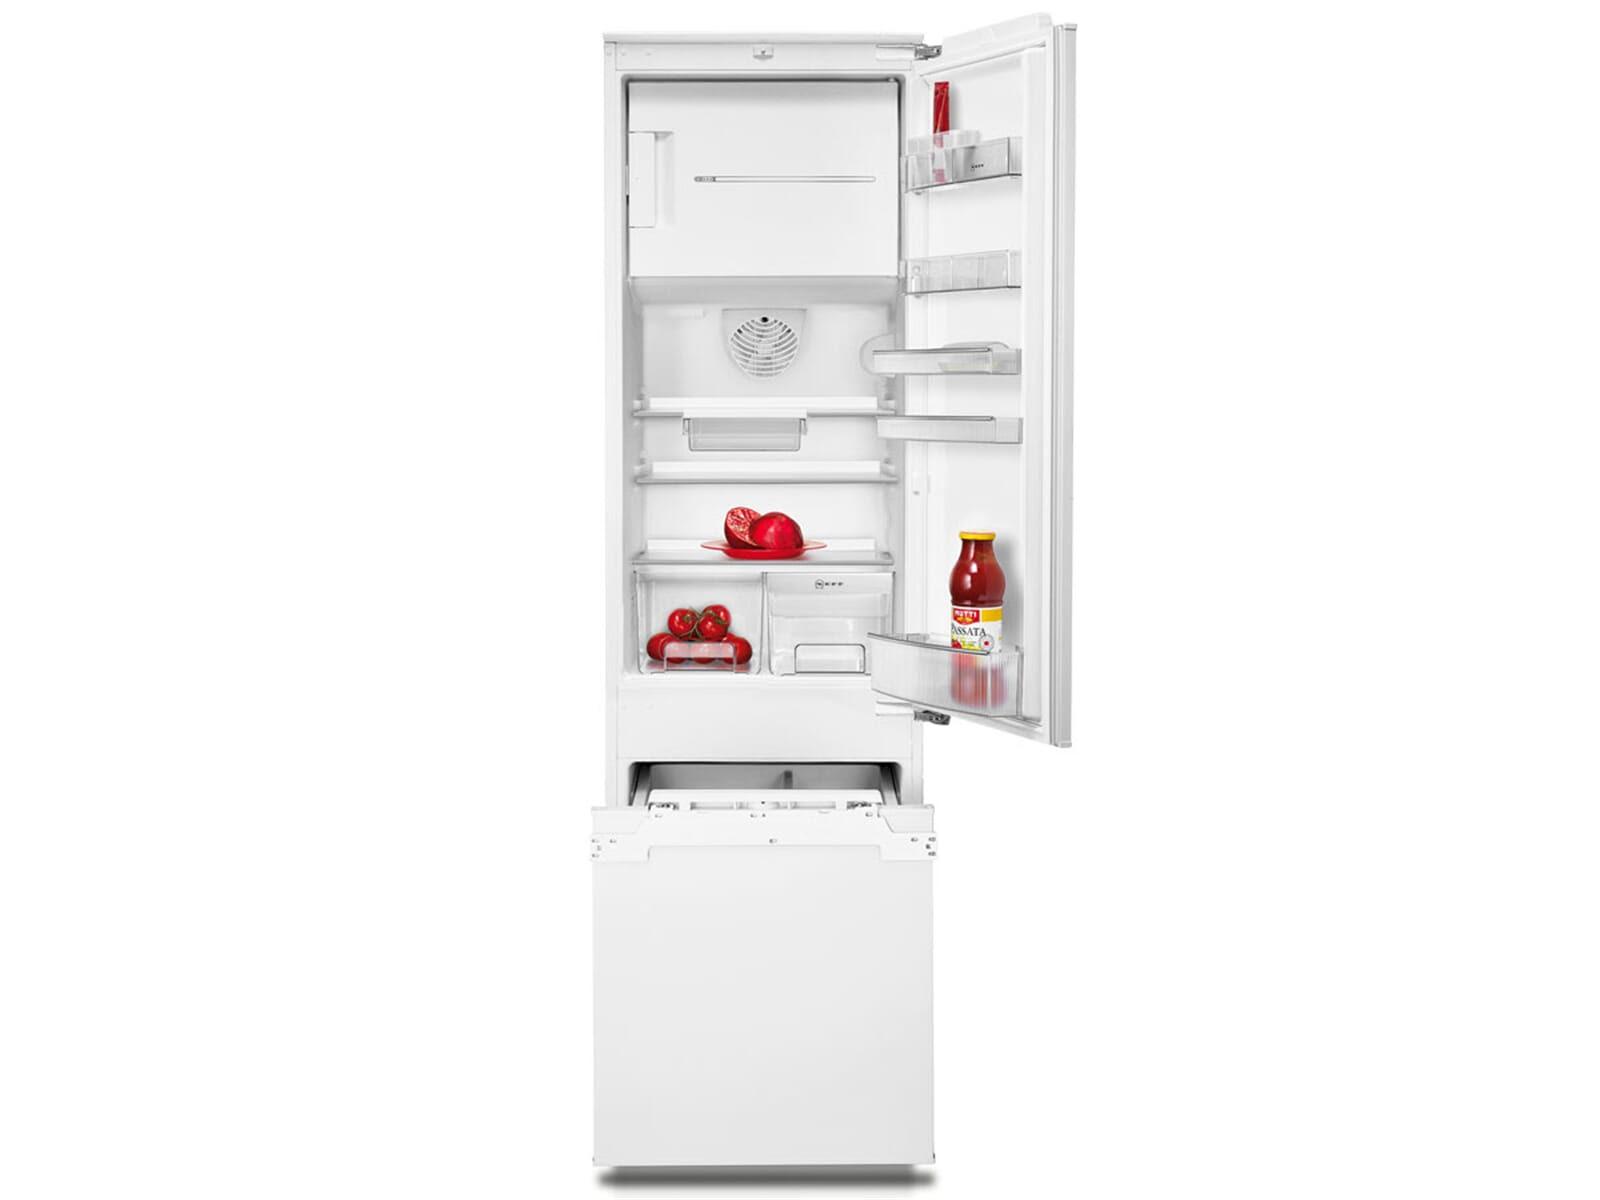 Siemens Kühlschrank Mit Getränkeschublade : Kühlschrank kellerzone mcdonald margaret